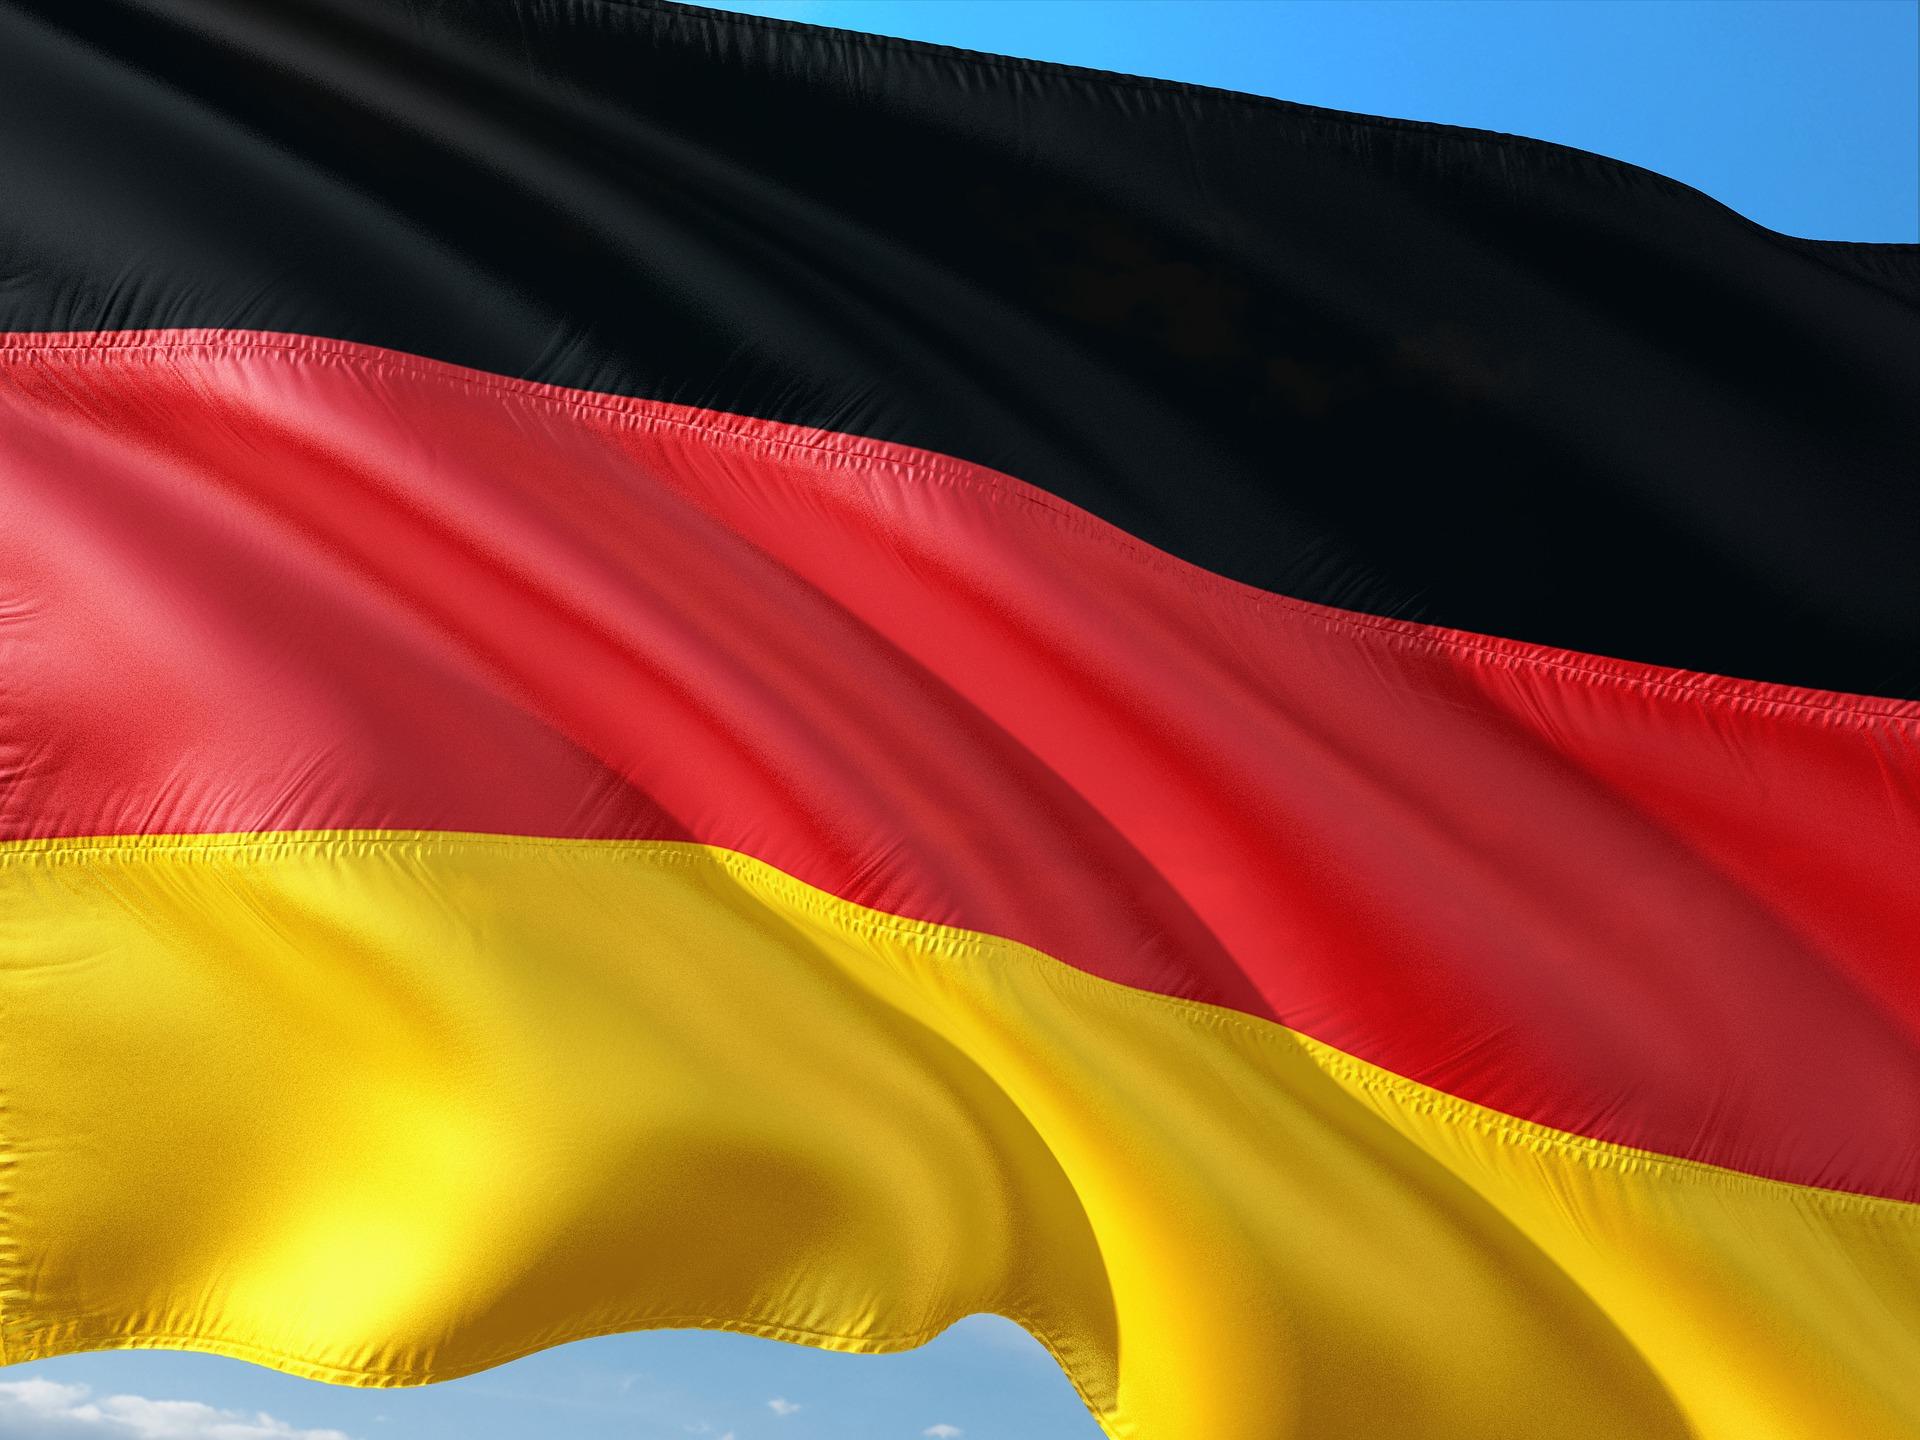 😎 Nimeččyna dozvolyť instytucijnym fondam investuvaty v kryptovaljutu